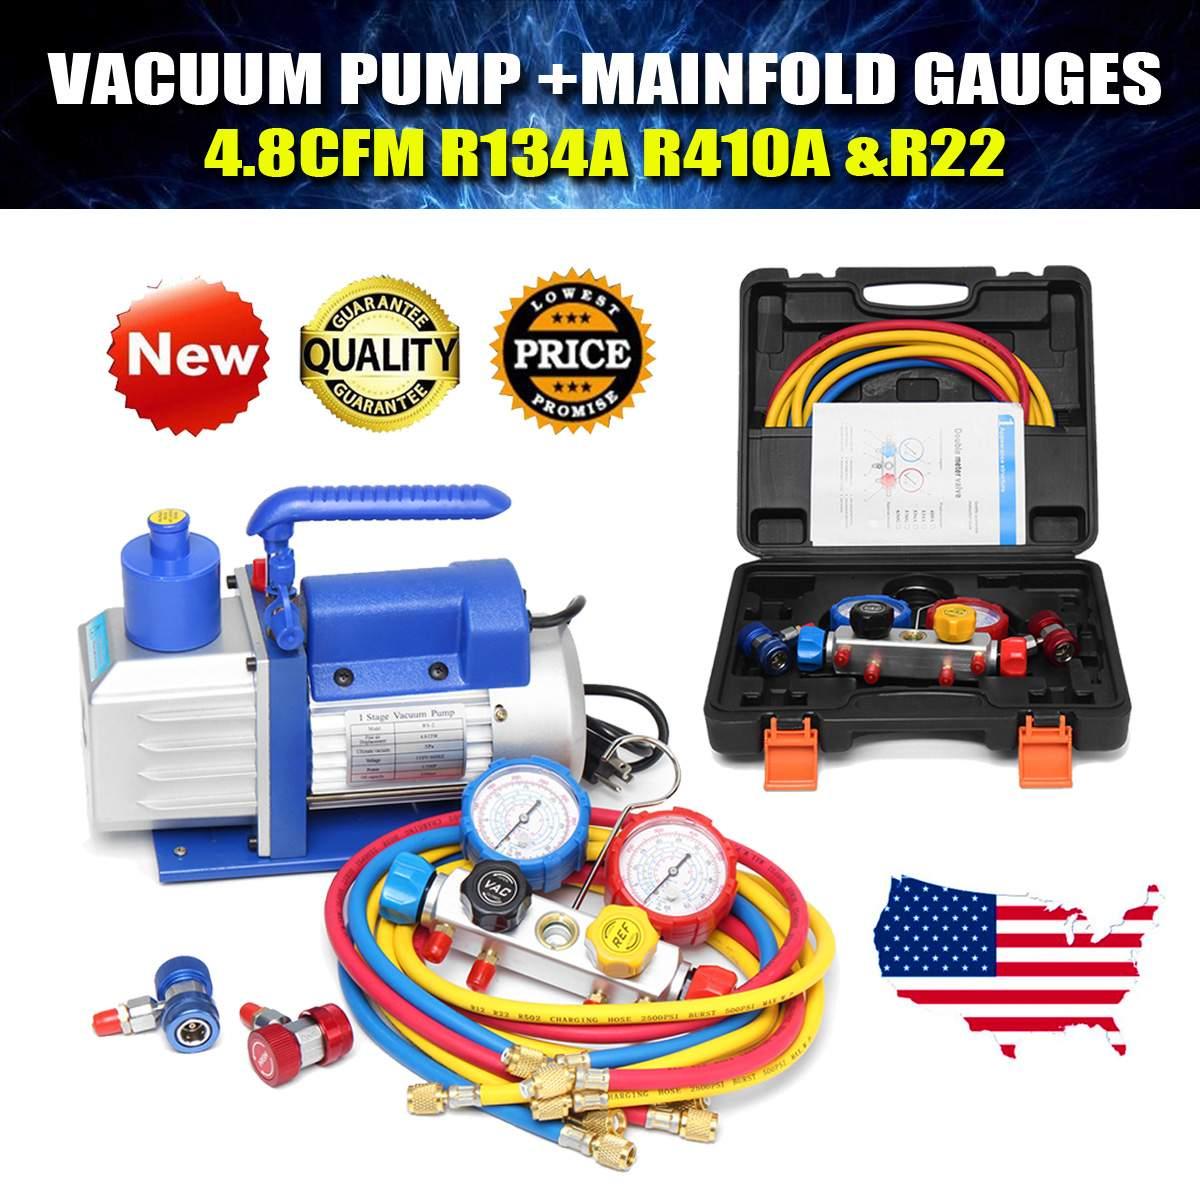 Pompe à vide R134A R22 R410A 4.8CFM réfrigérant HVA/C W/4 pompes de jauge de collecteur de VALVE pièces Mini pompe à vide pour la climatisation